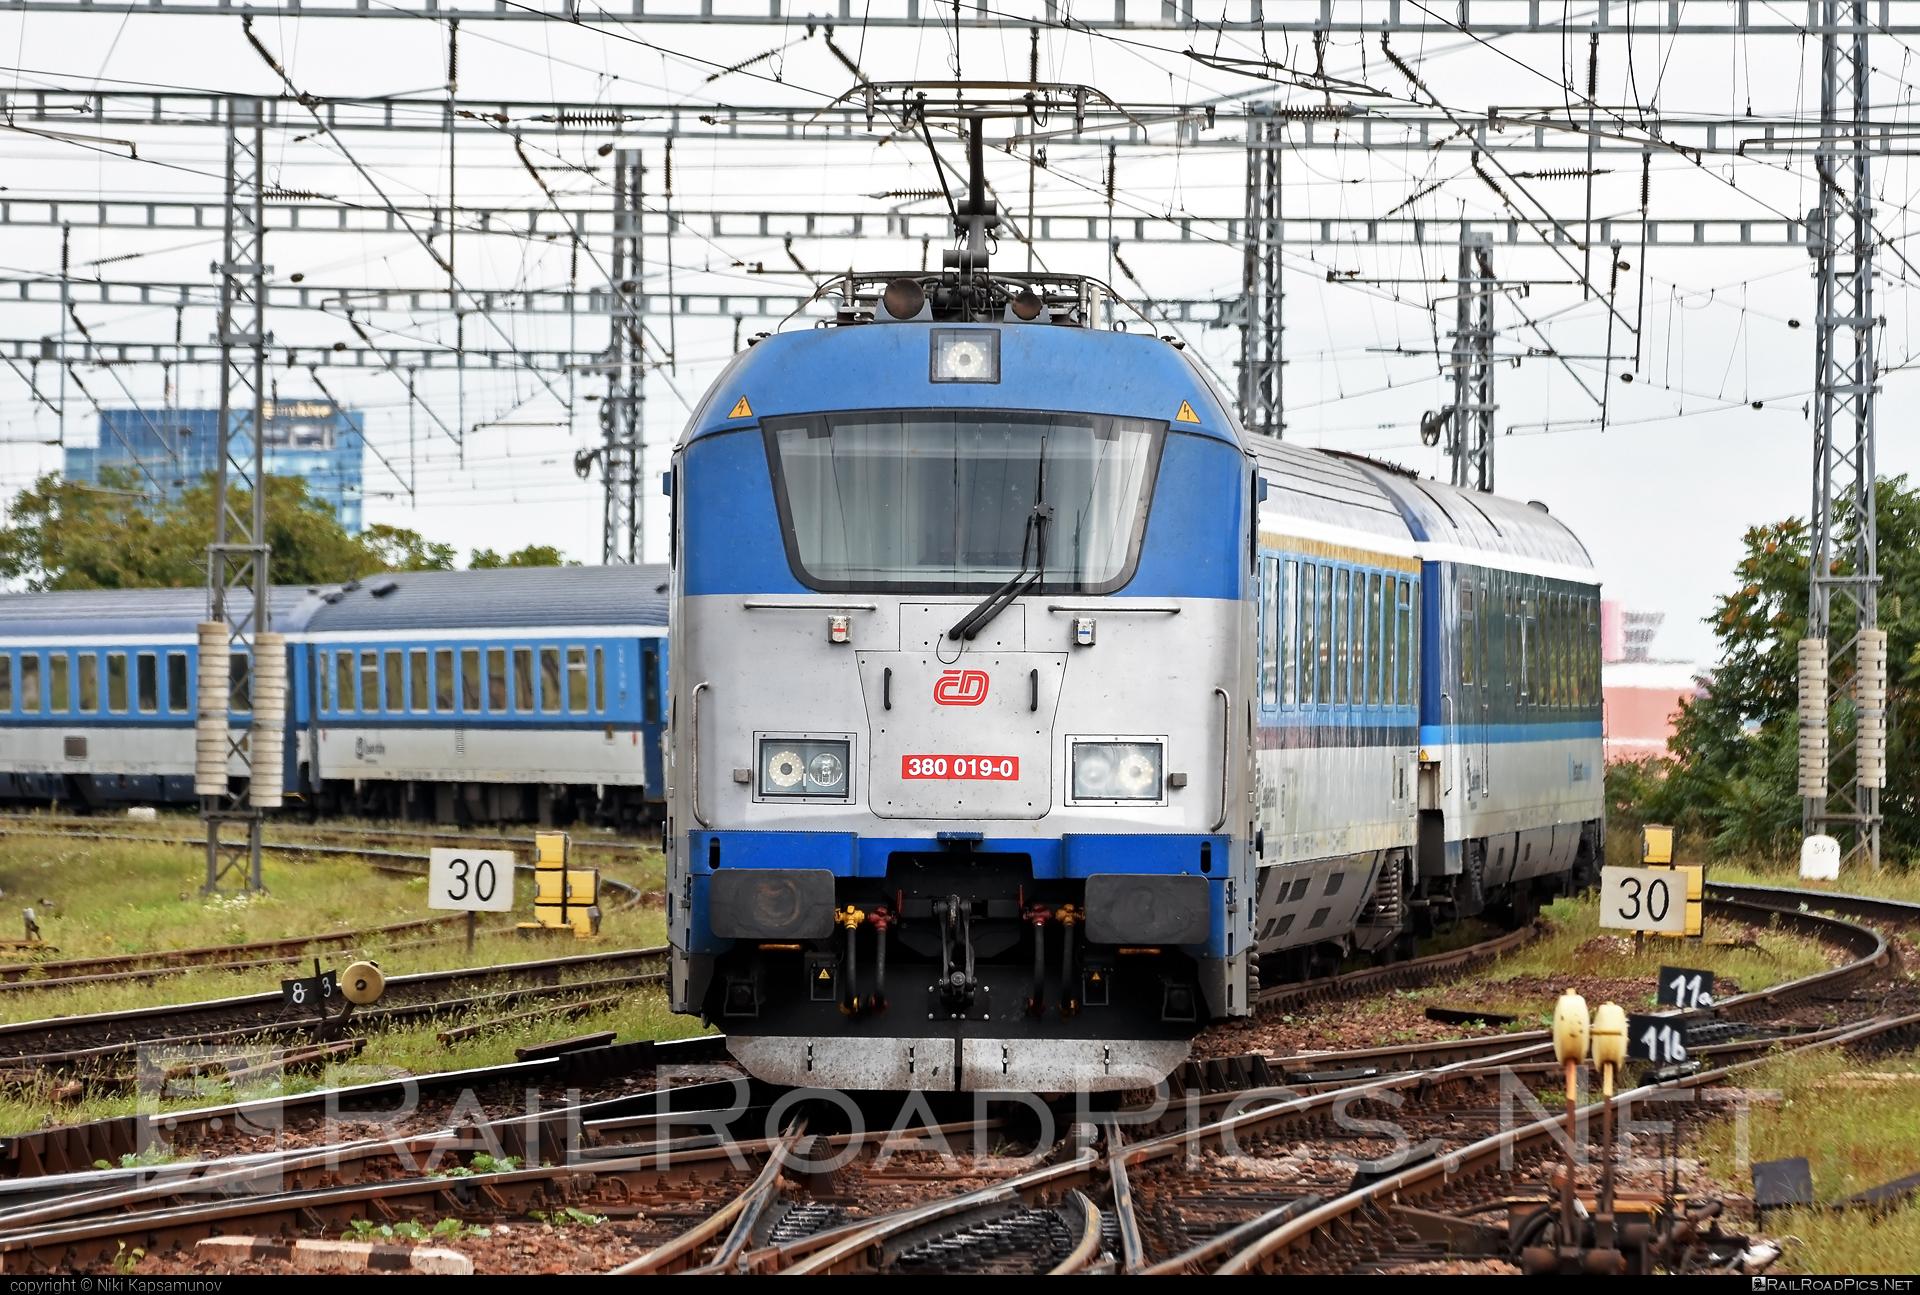 Škoda 109E1 Emil Zátopek - 380 019-0 operated by České dráhy, a.s. #cd #ceskedrahy #emilzatopeklocomotive #locomotive380 #skoda #skoda109e #skoda109elocomotive